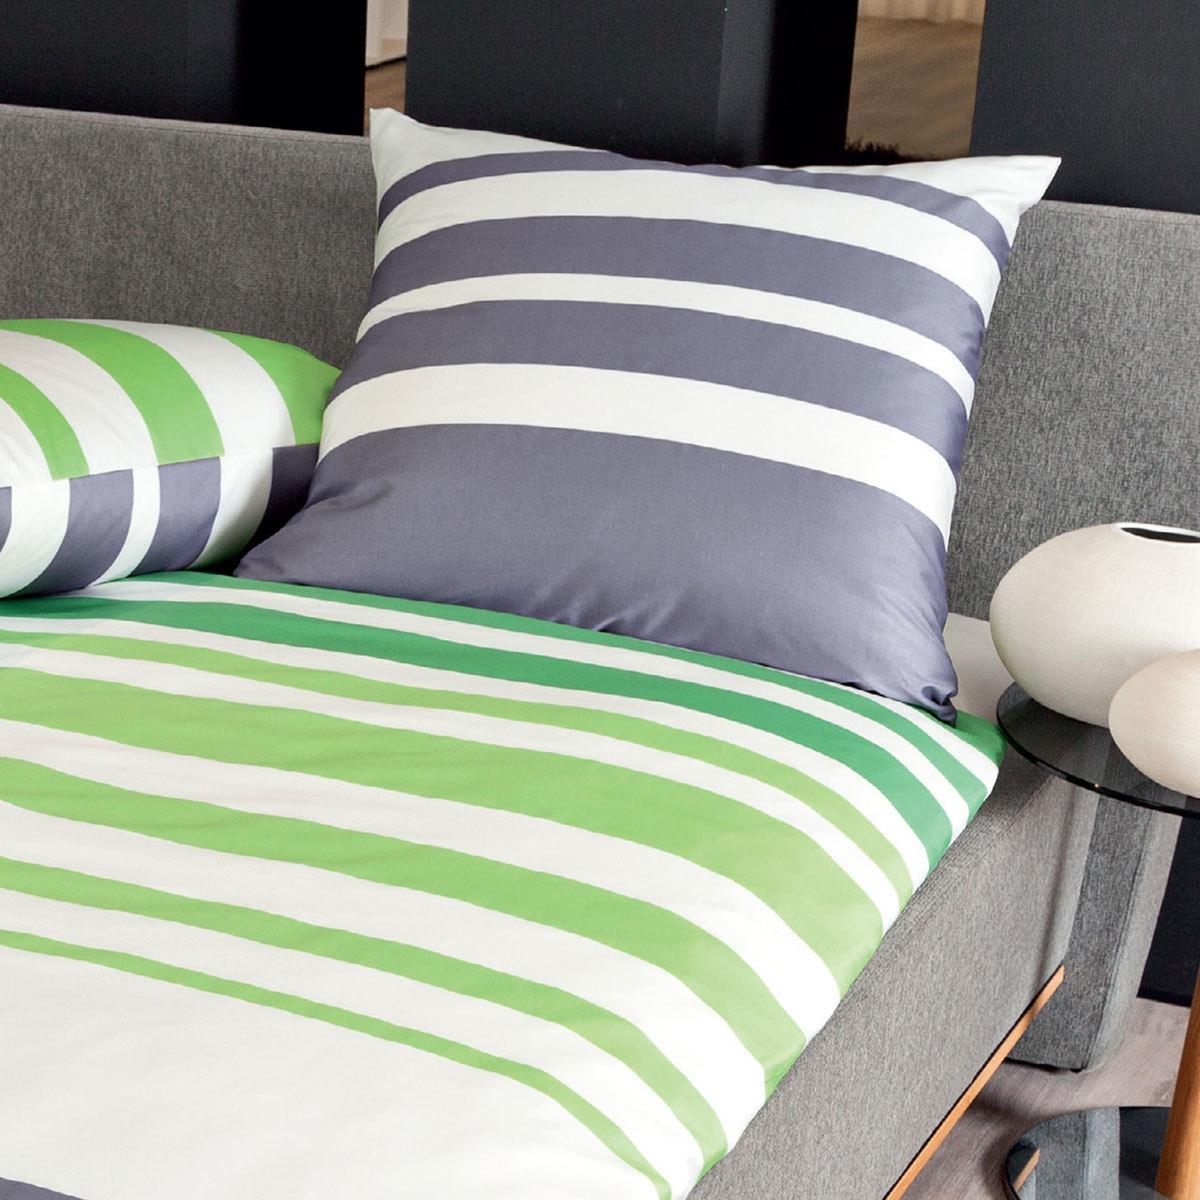 janine mako satin bettw sche j d 87028 06 gr n grau g nstig online kaufen bei bettwaren shop. Black Bedroom Furniture Sets. Home Design Ideas